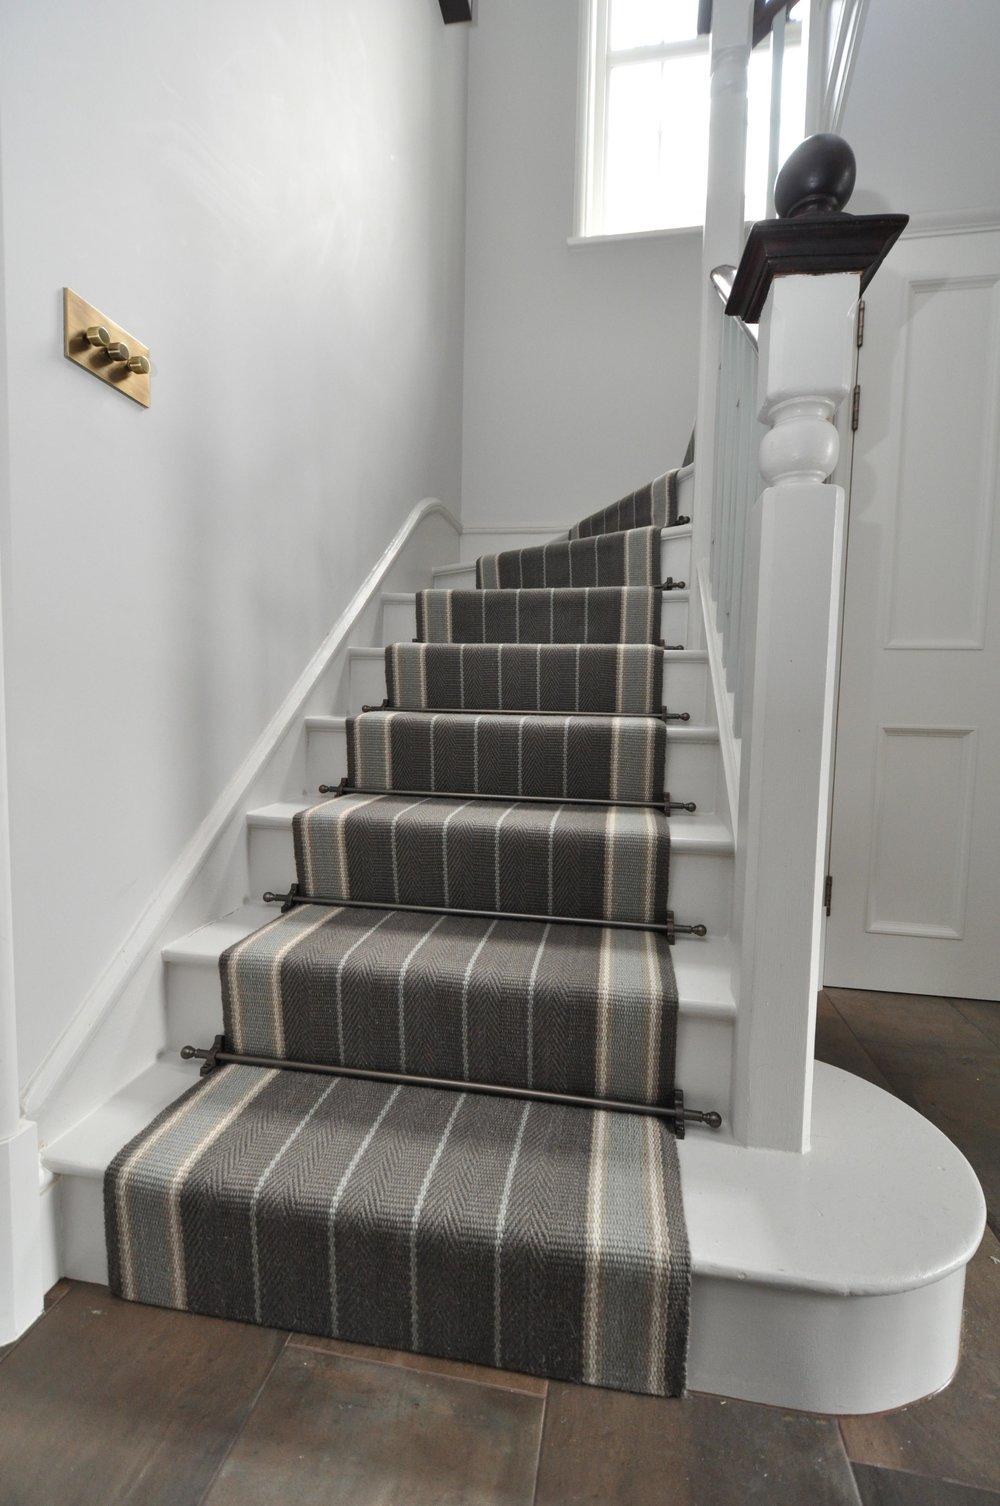 flatweave-stair-runner-london-bowloom-carpet-off-the-loom-DSC_1503.jpg